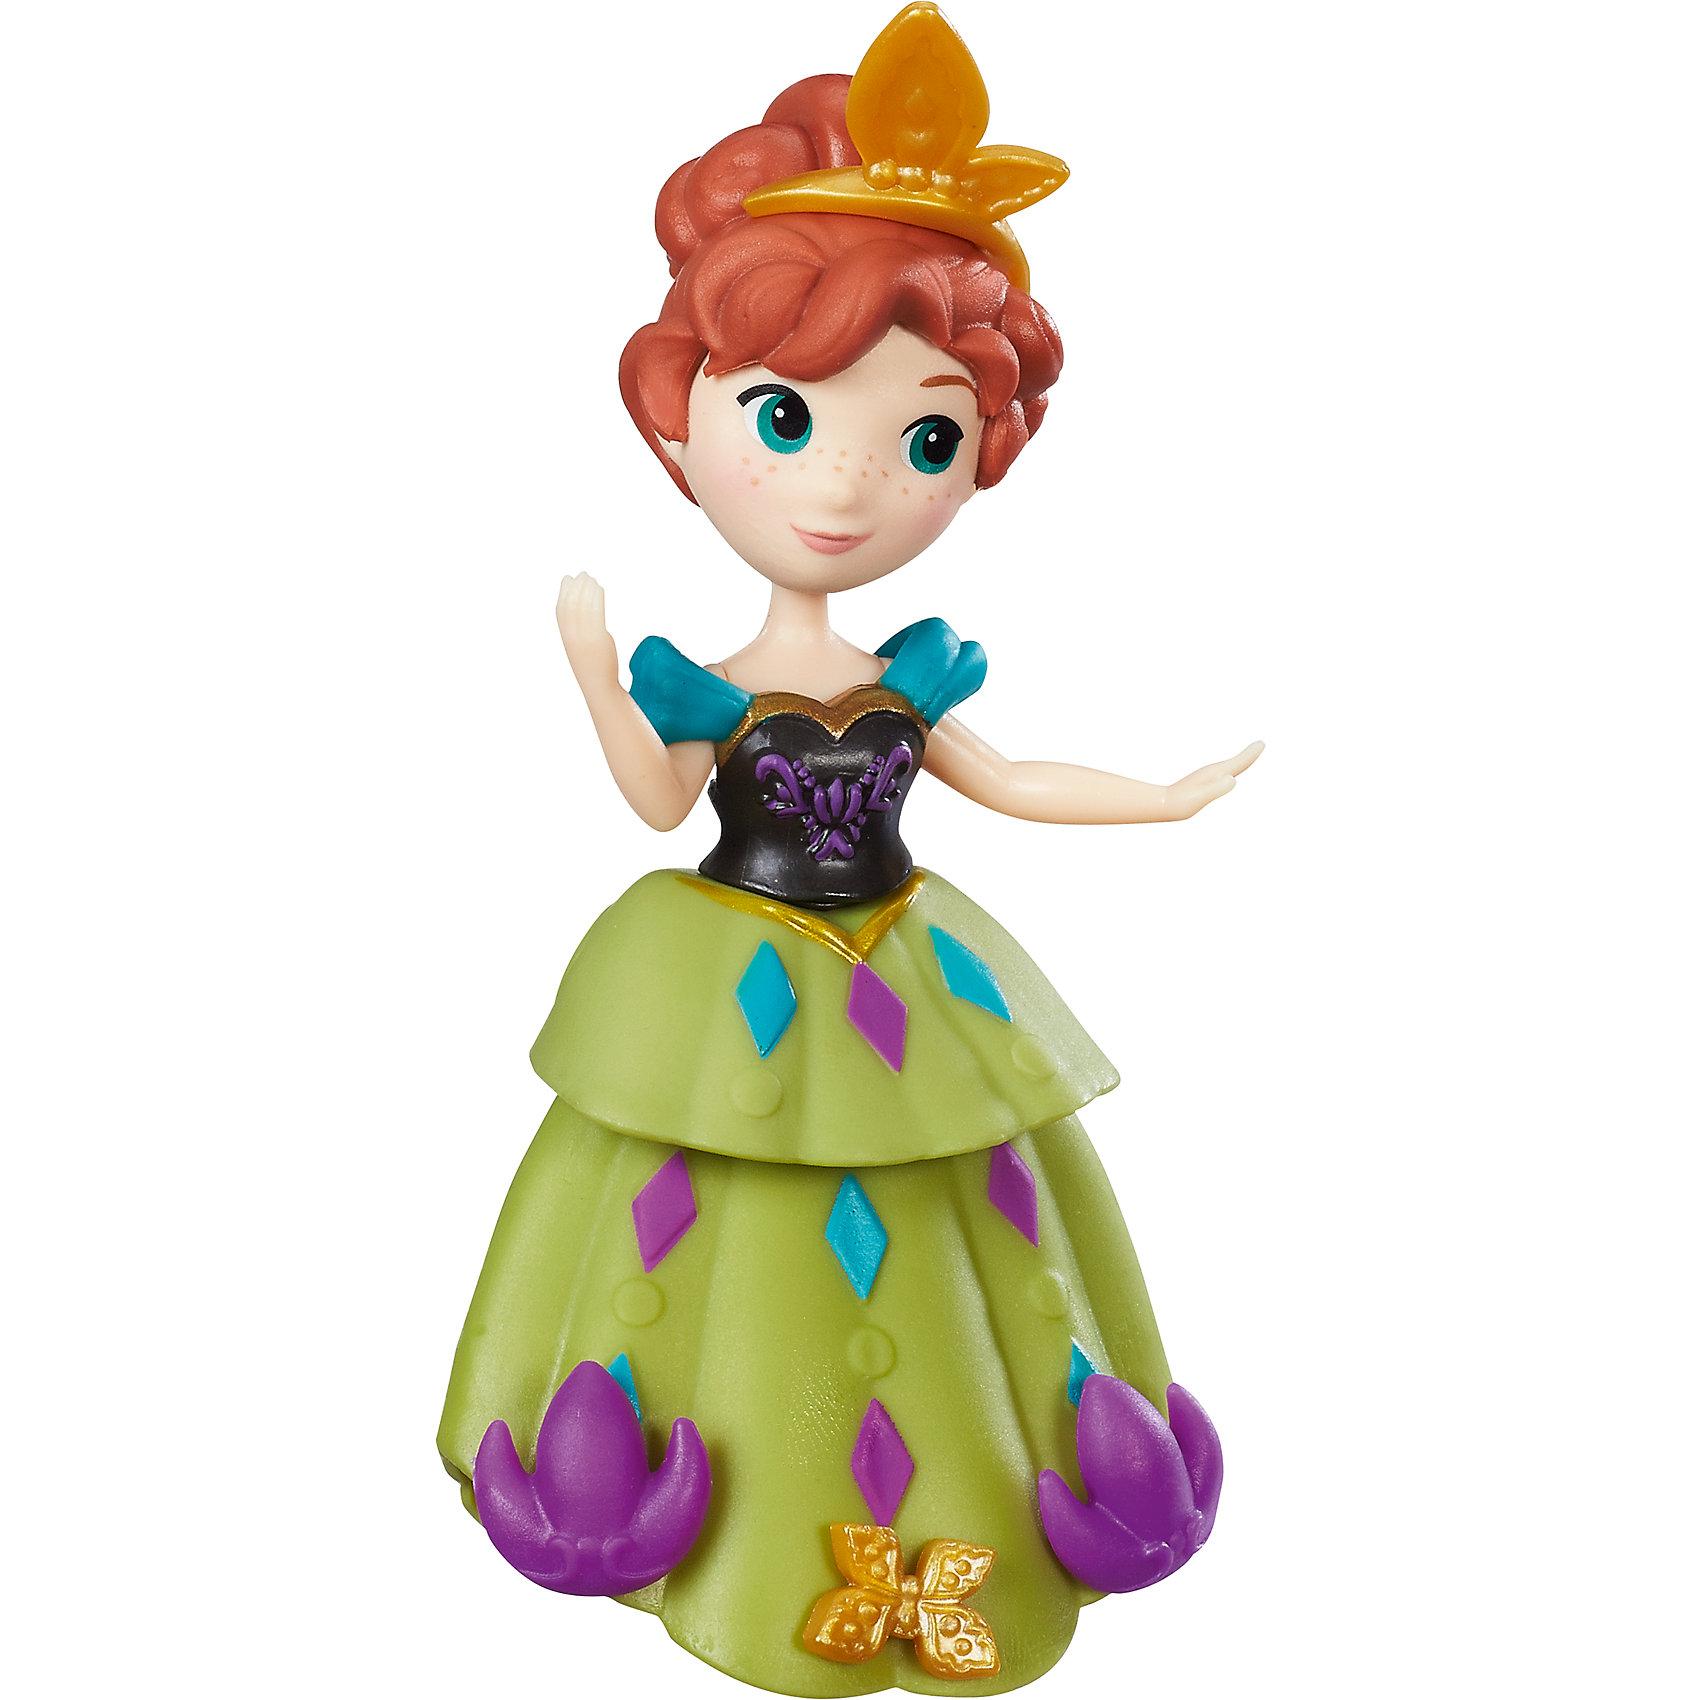 Hasbro Маленькая кукла Холодное сердце, C1096/C1098 настольные игры hasbro операция холодное сердце